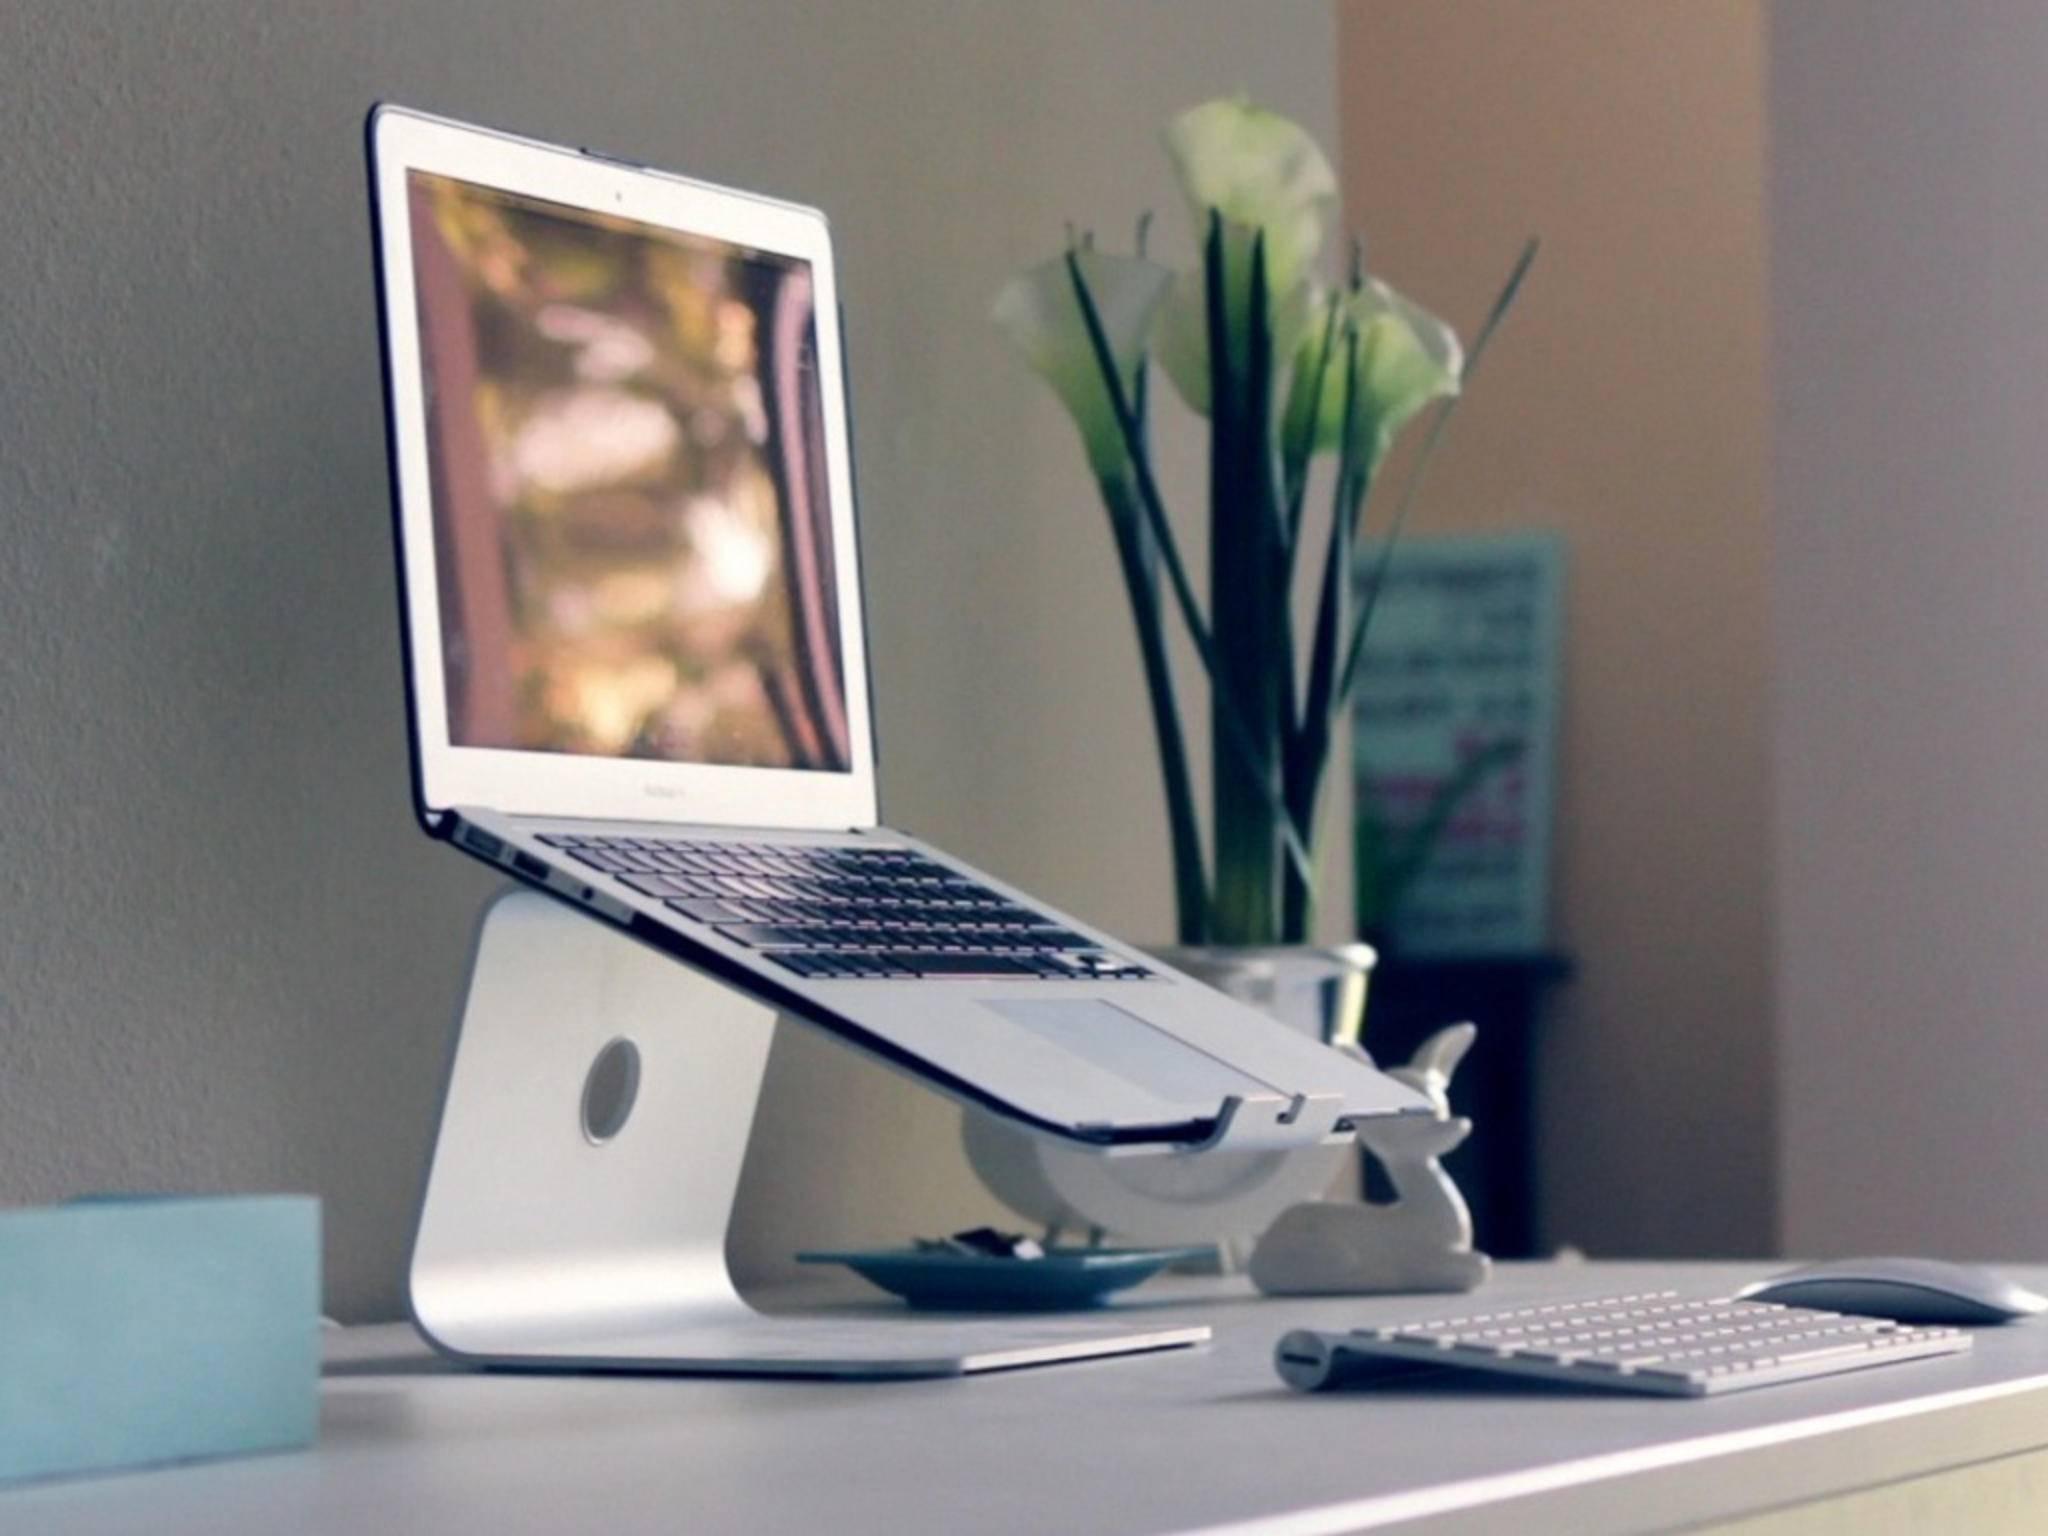 Zur Mitte des Produktzyklus sind kleinere Verbesserungen beim MacBook Air zu erwarten.